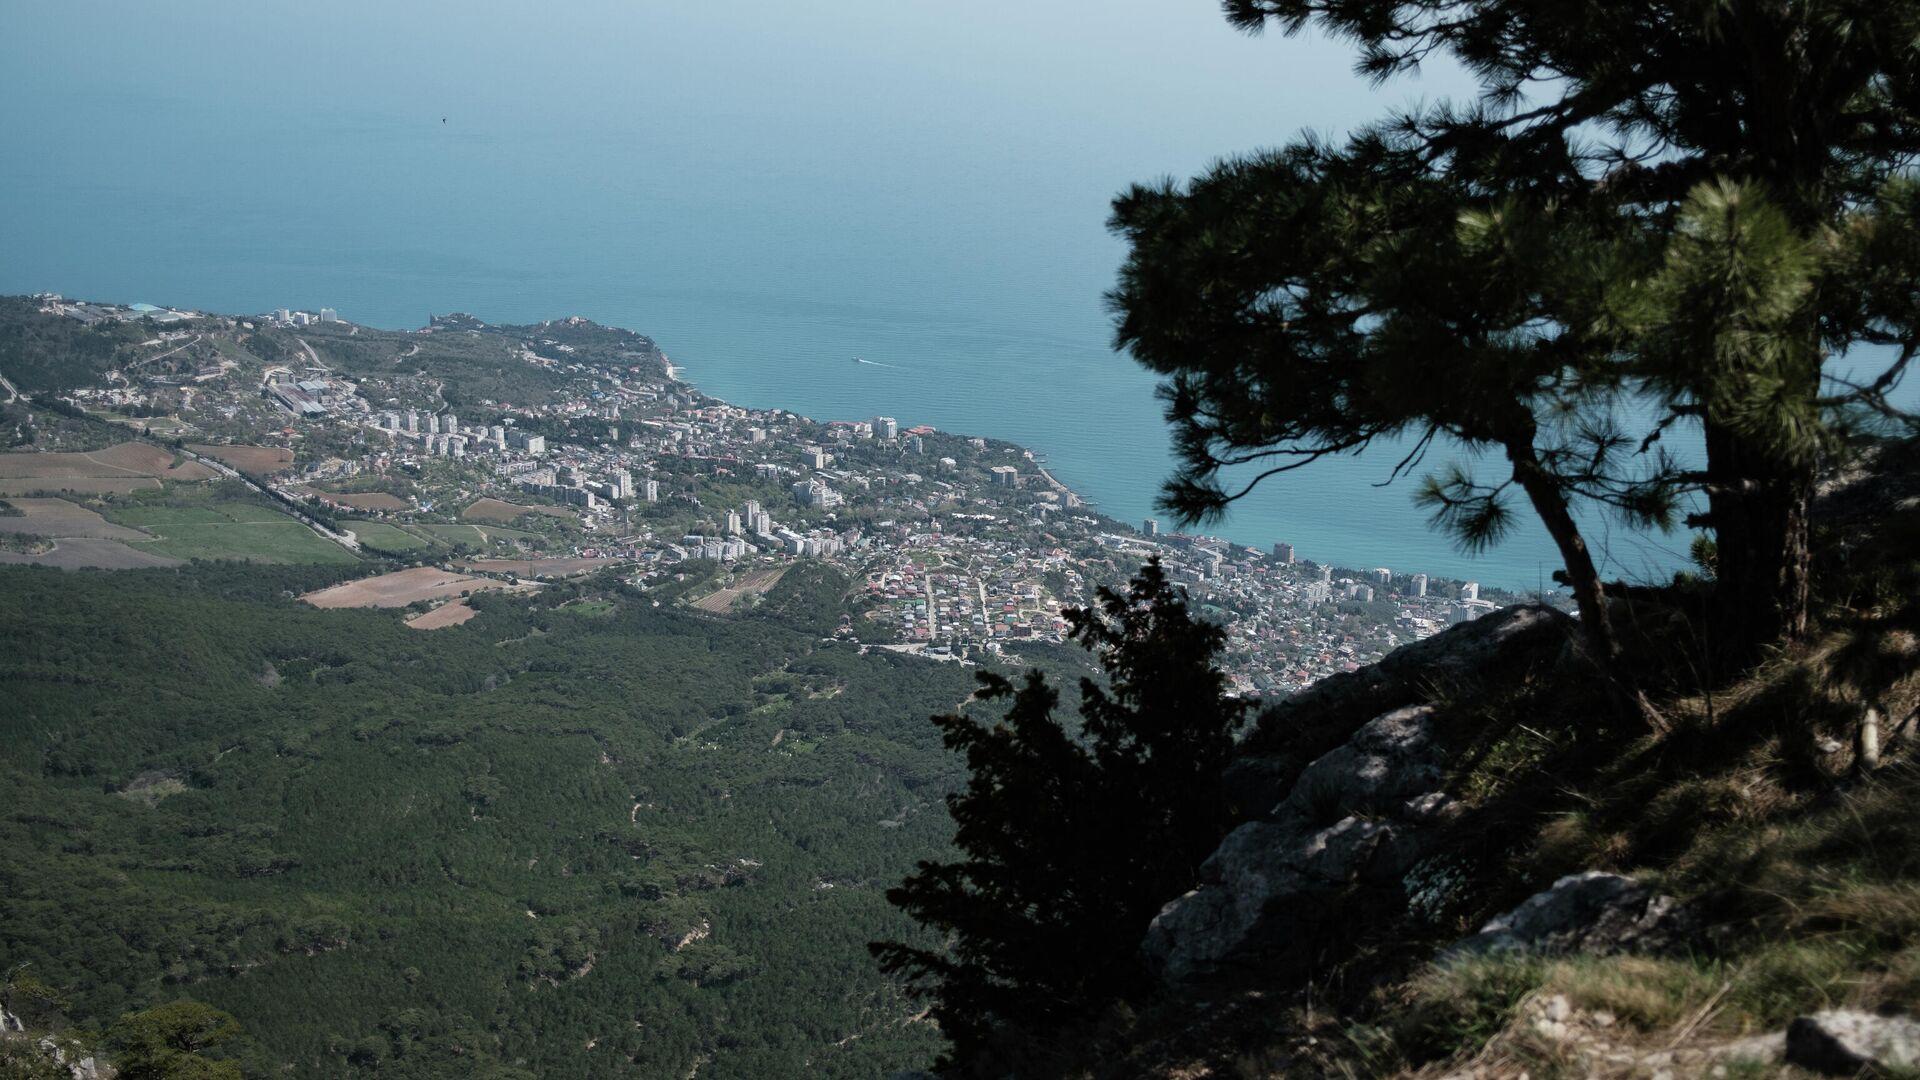 Вид на побережье Черного моря с вершины горы Ай-Петри в Крыму - РИА Новости, 1920, 10.06.2021